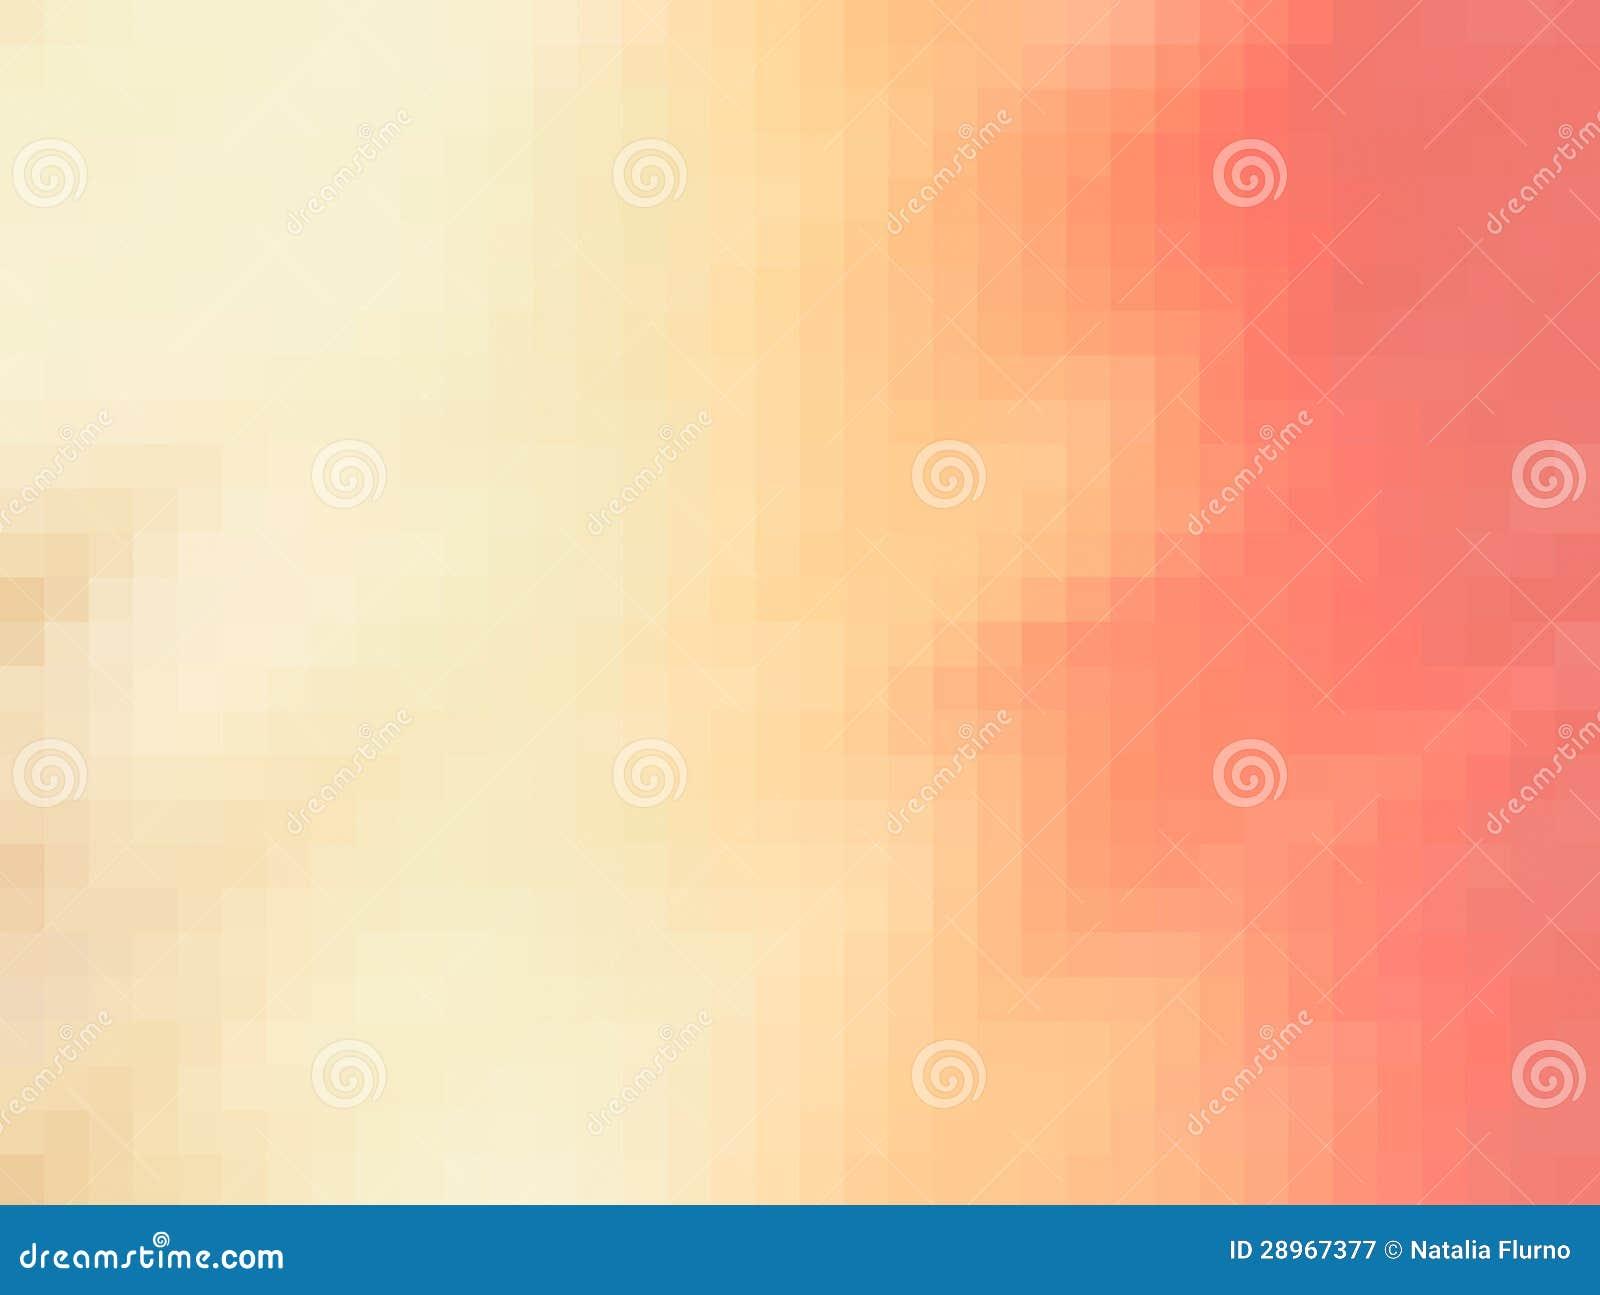 orange background free stock - photo #38